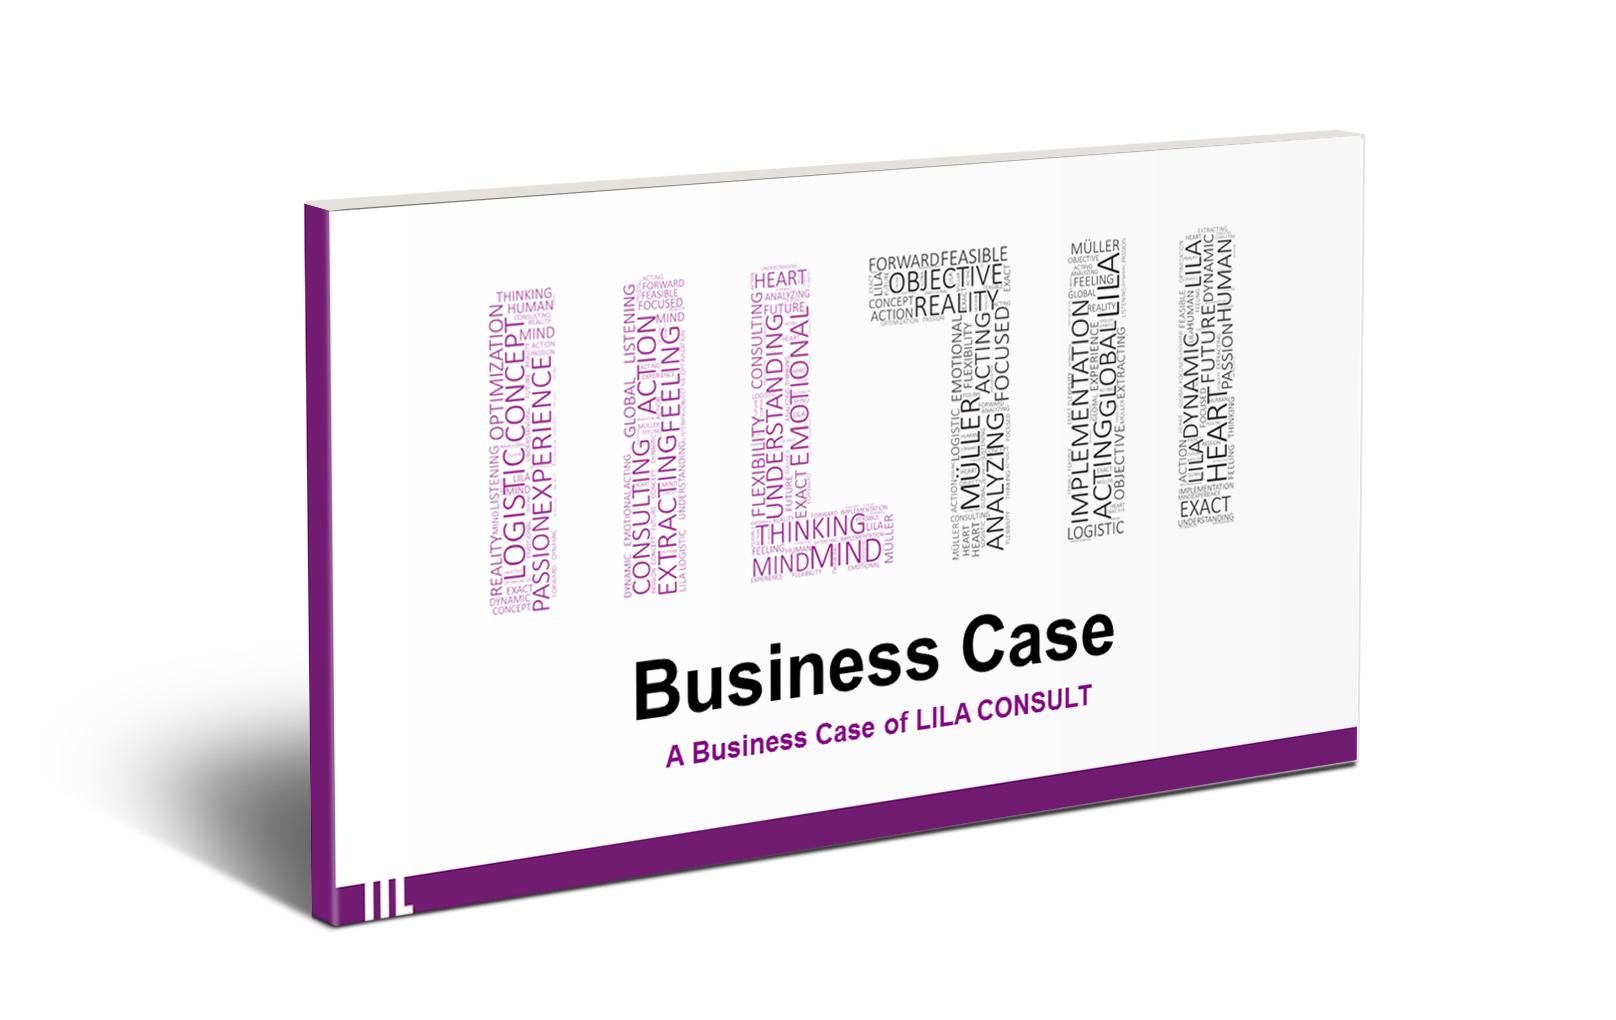 20190201_LilaLogistik-BusinessCase-3D-Cover_EN